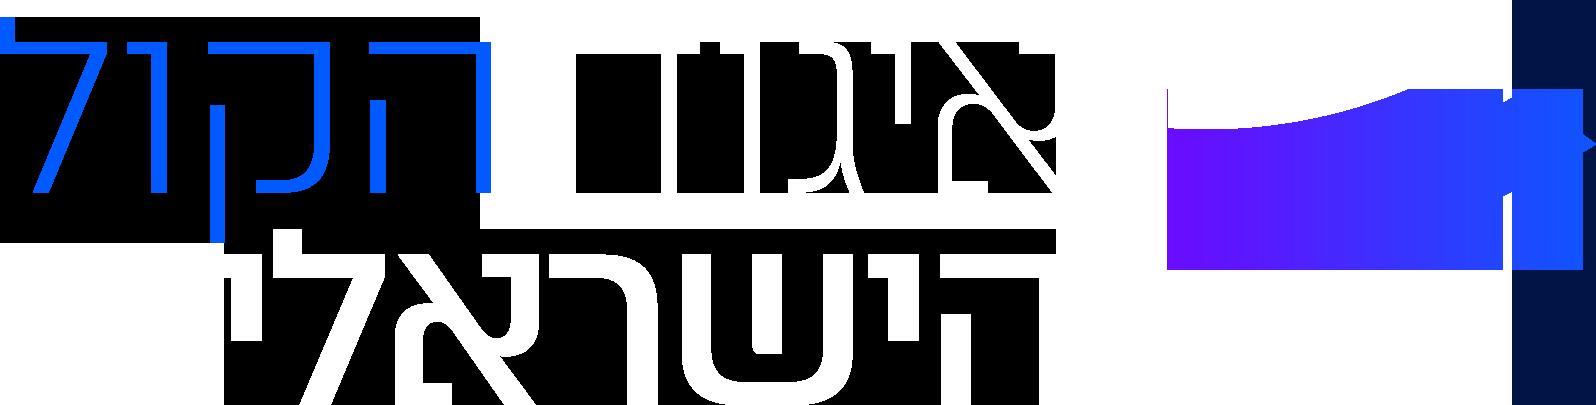 איגוד הקול הישראלי